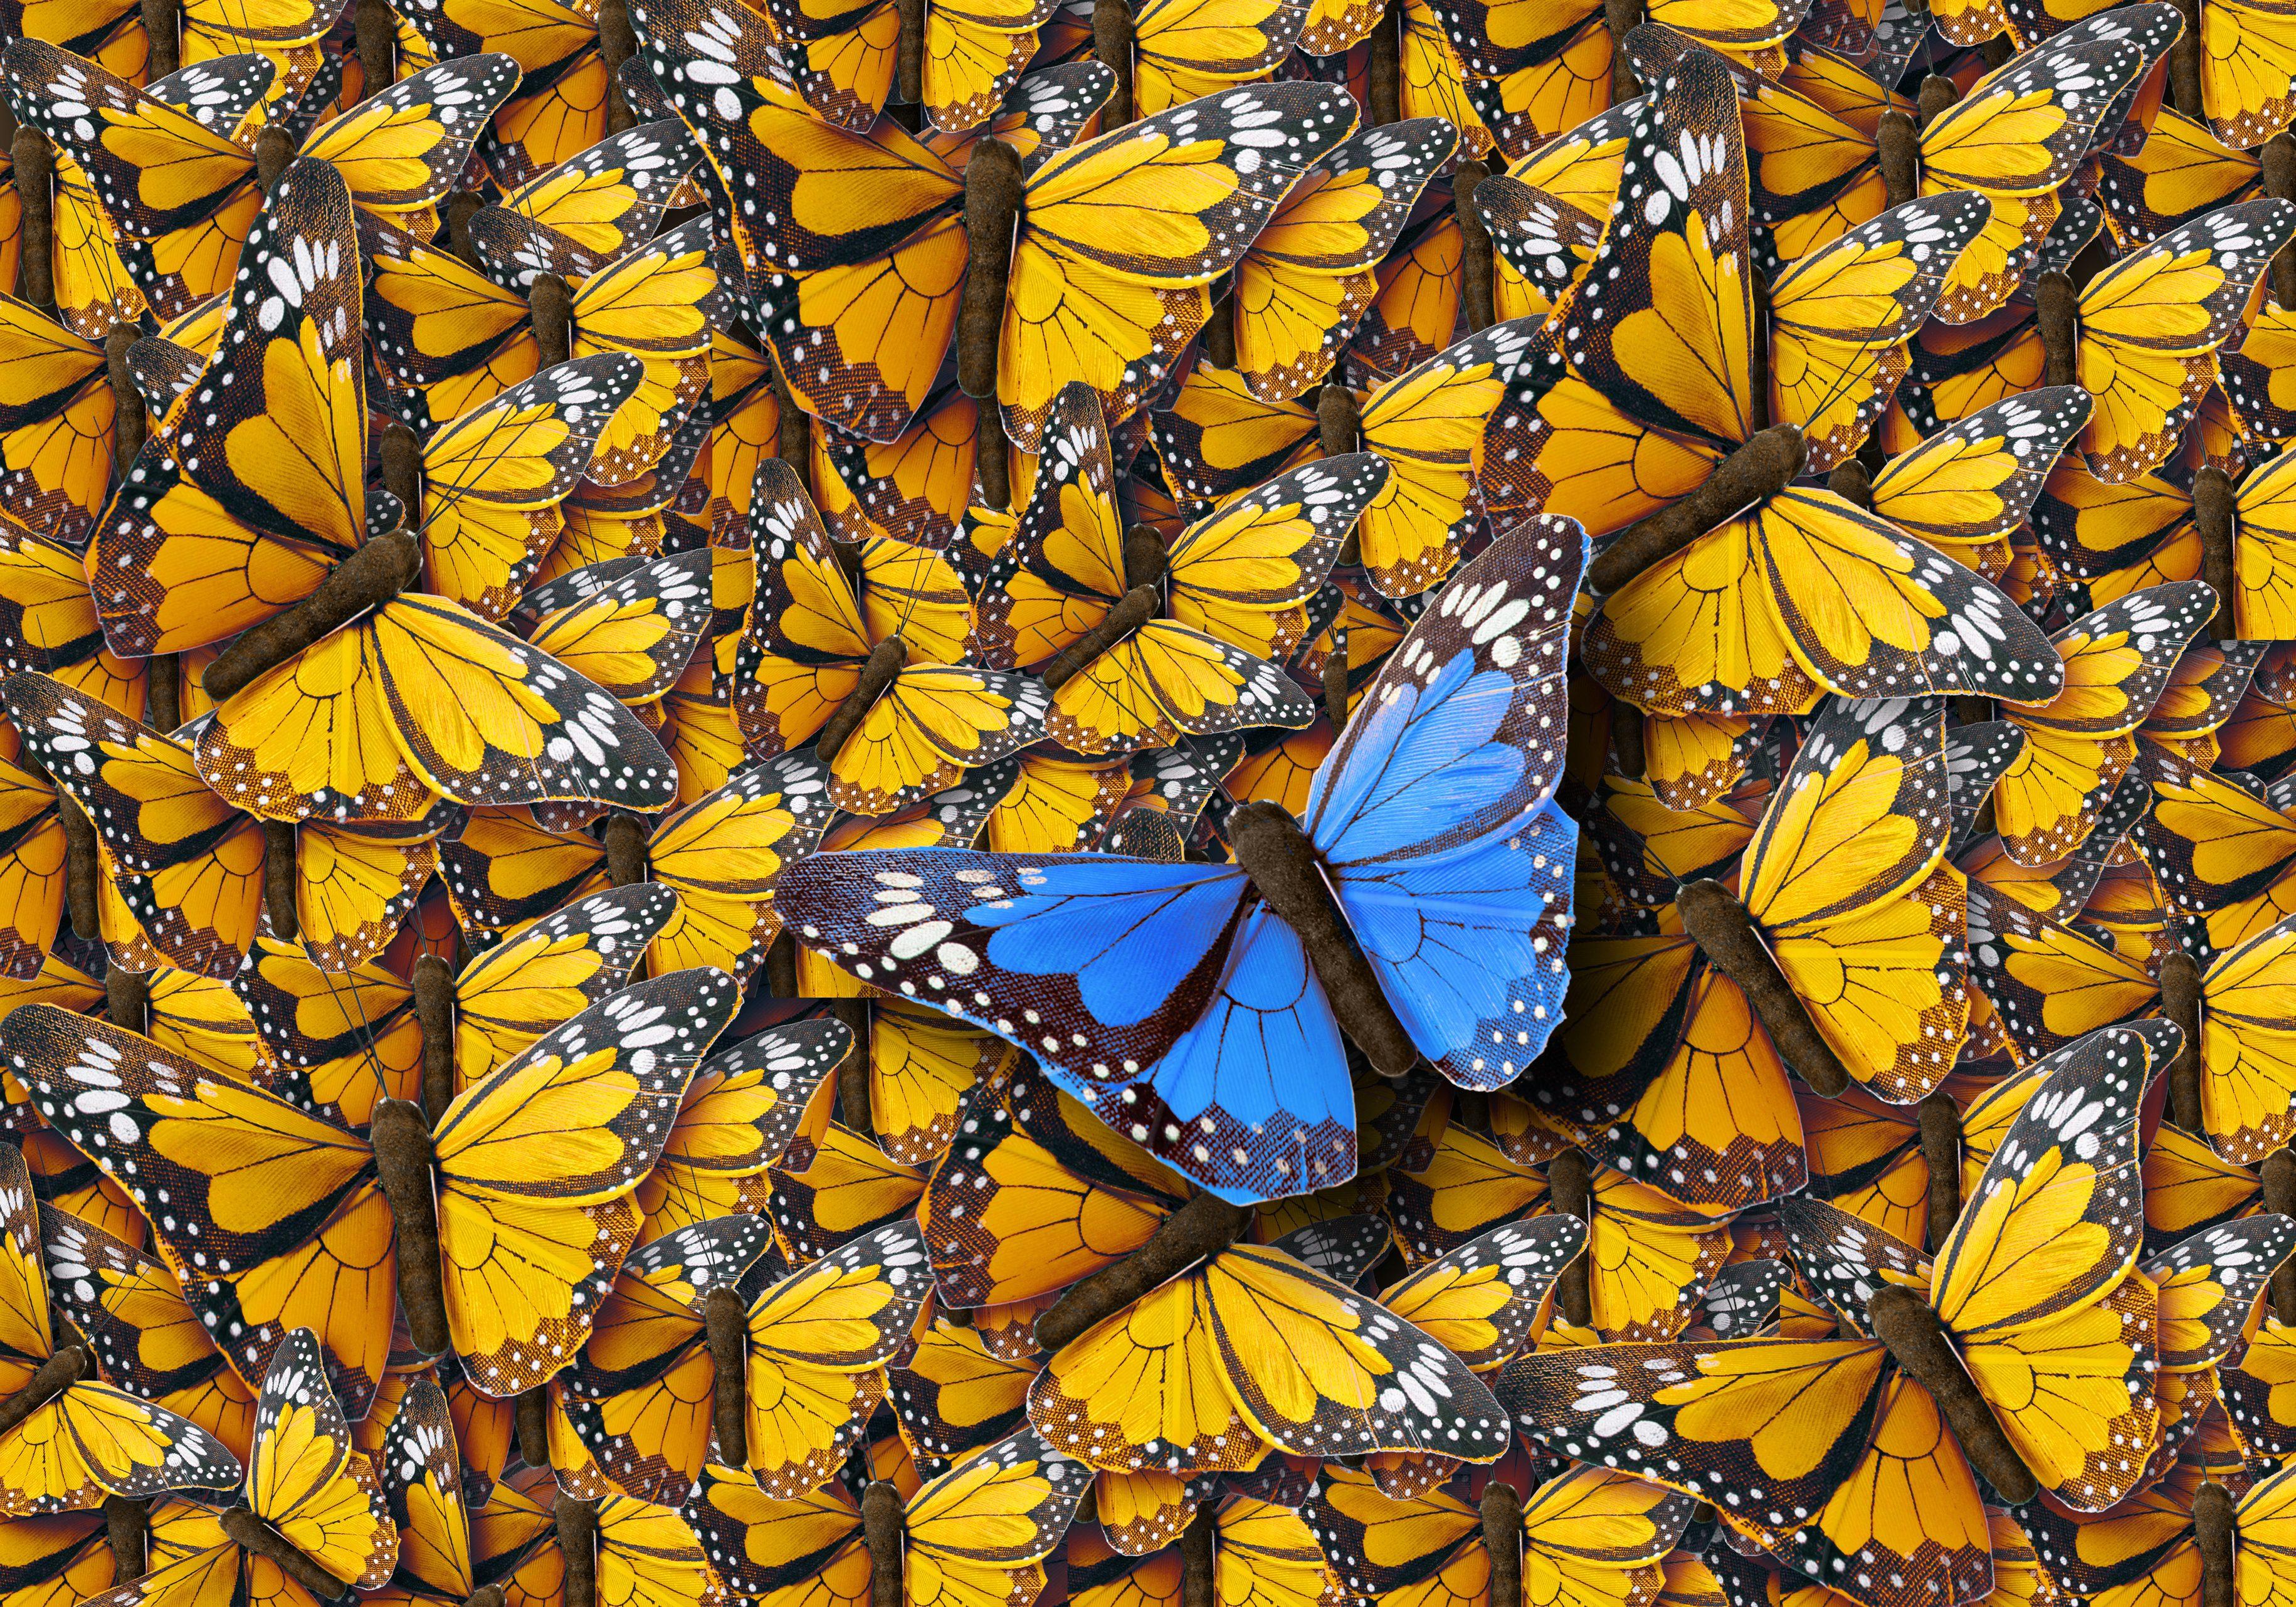 Background of Buterflies